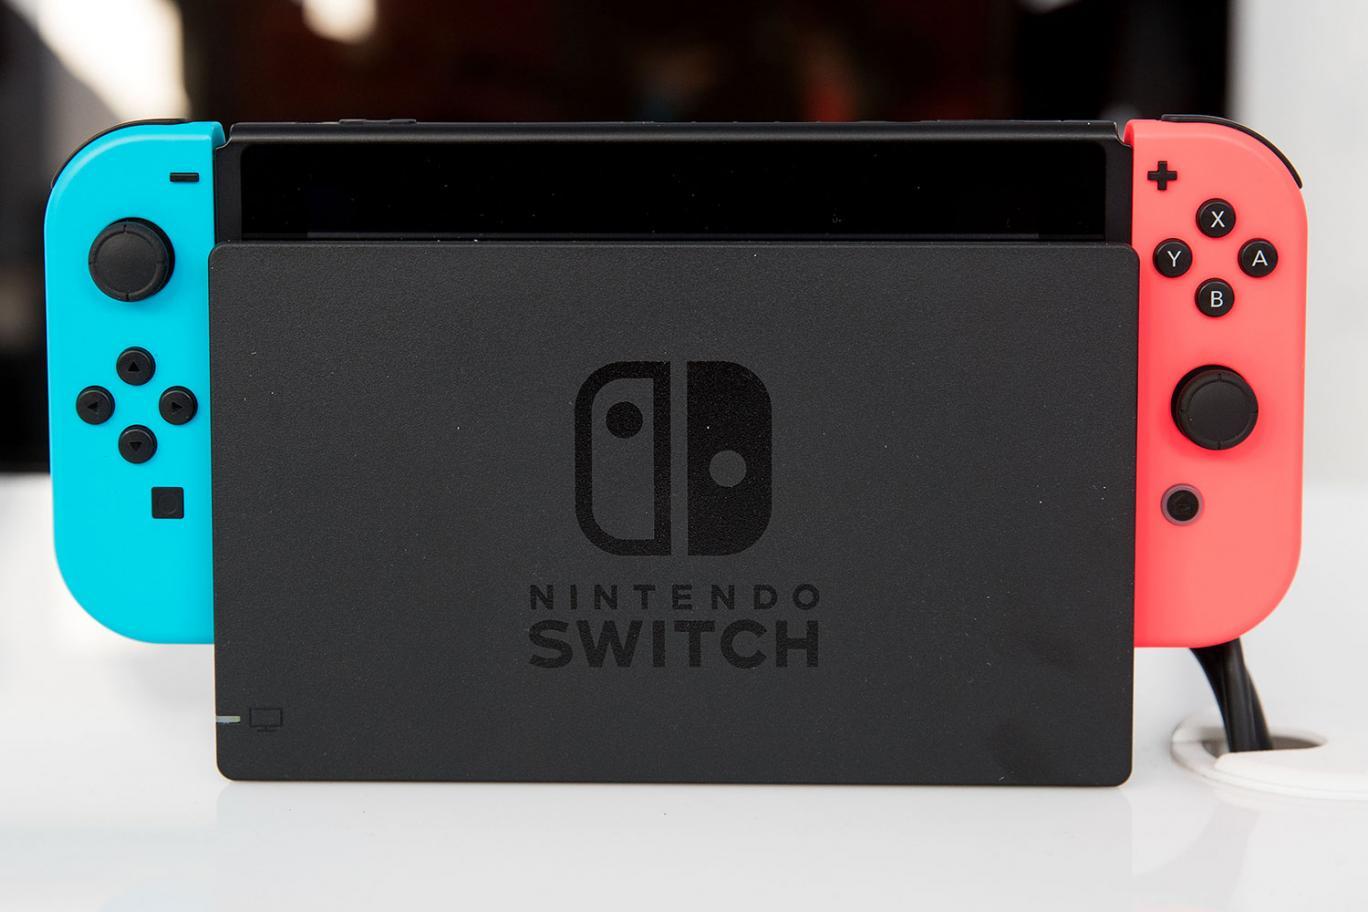 Switch назвали лучшим гаджетом 2017 года. Откуда такой успех - 3